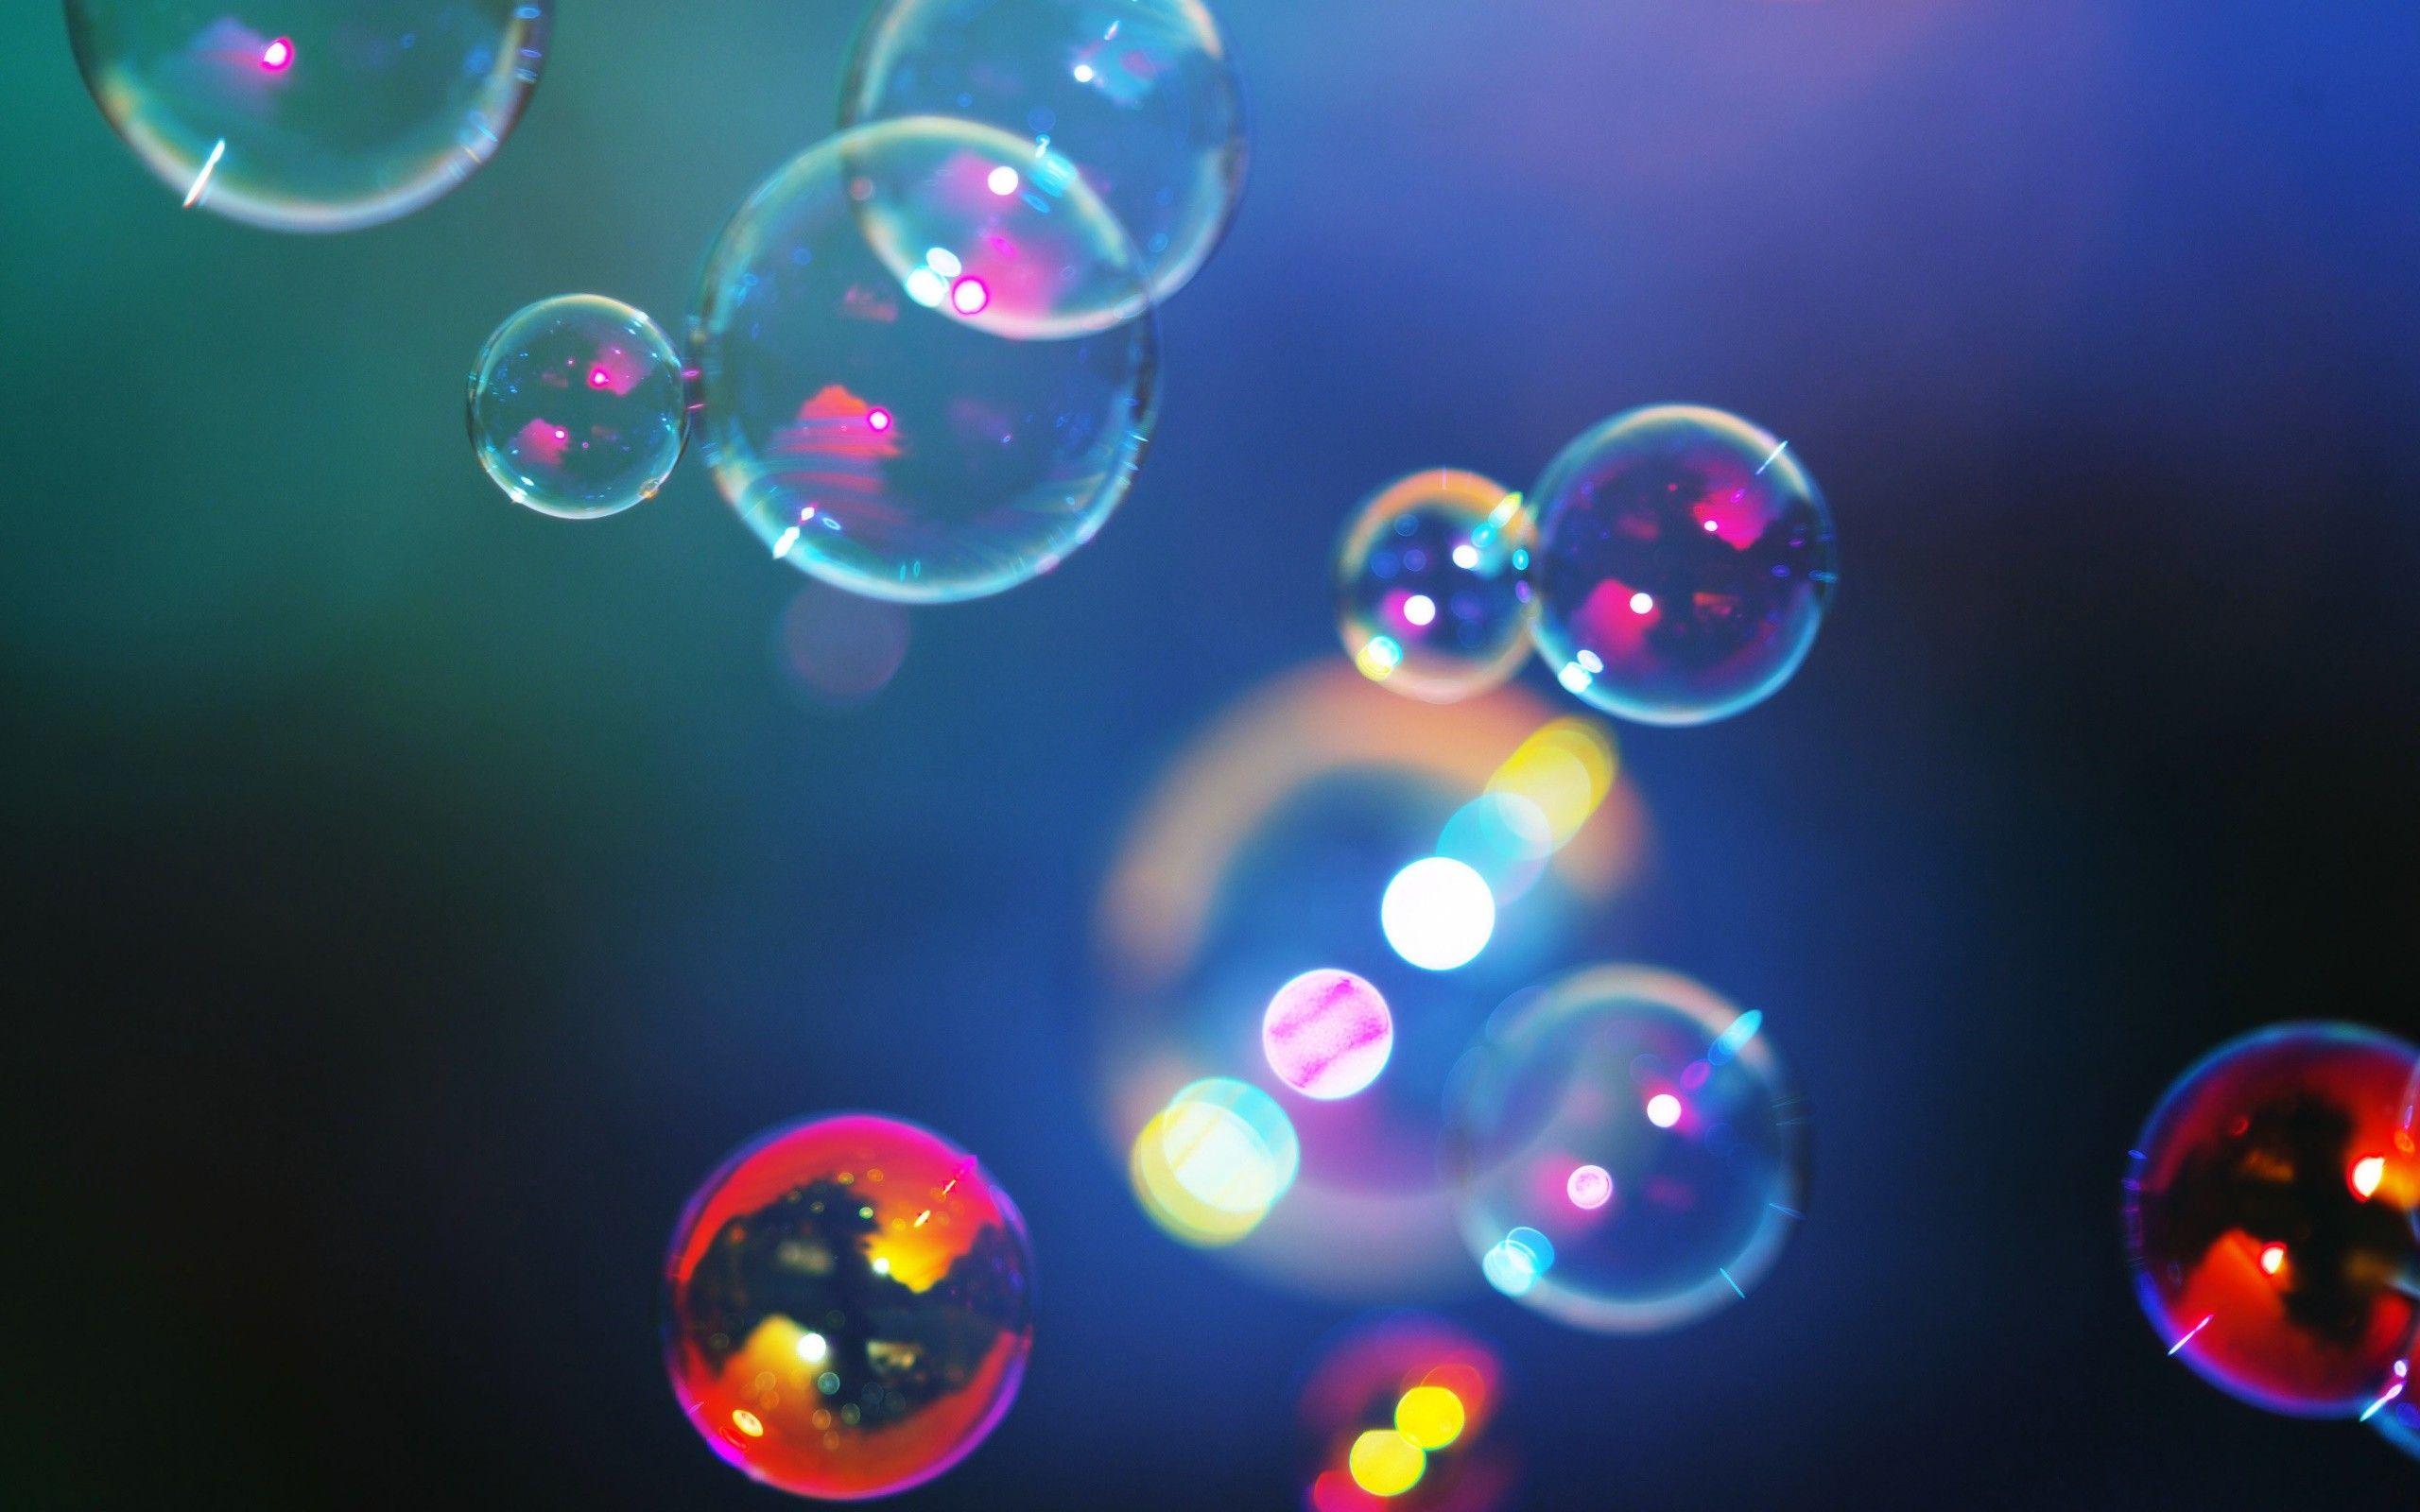 Hd Bubbles Wallpaper Sf Wallpaper